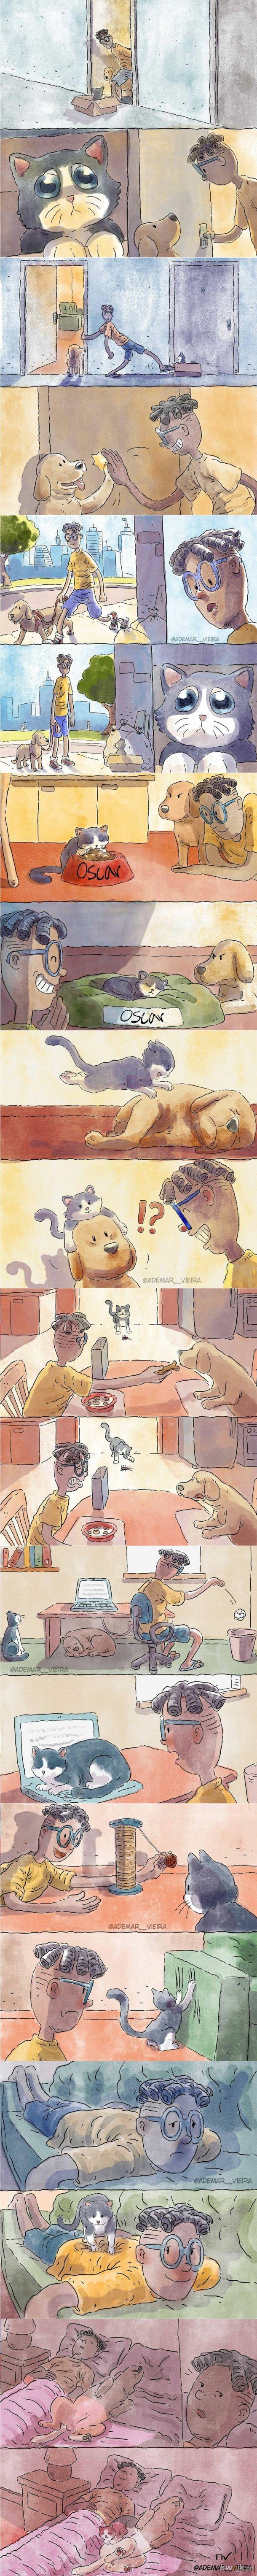 Artysta dzieli się swoją historią adopcji kotka